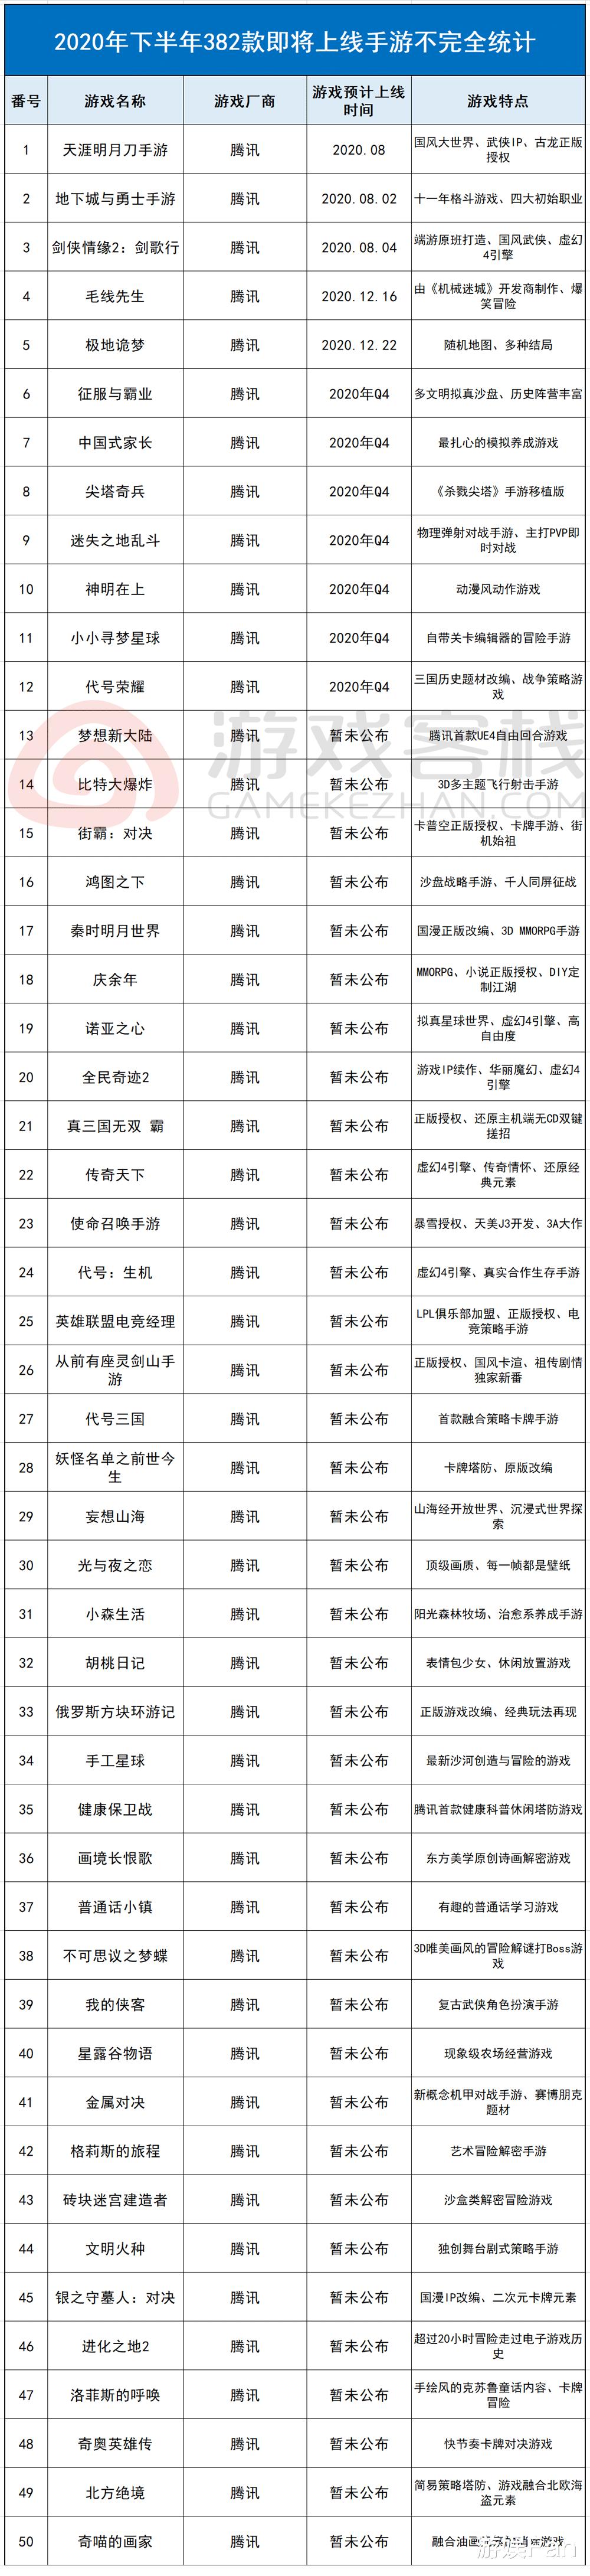 《【煜星娱乐注册】2020下半年新游上线一览:382款产品正在路上(不完全统计)》